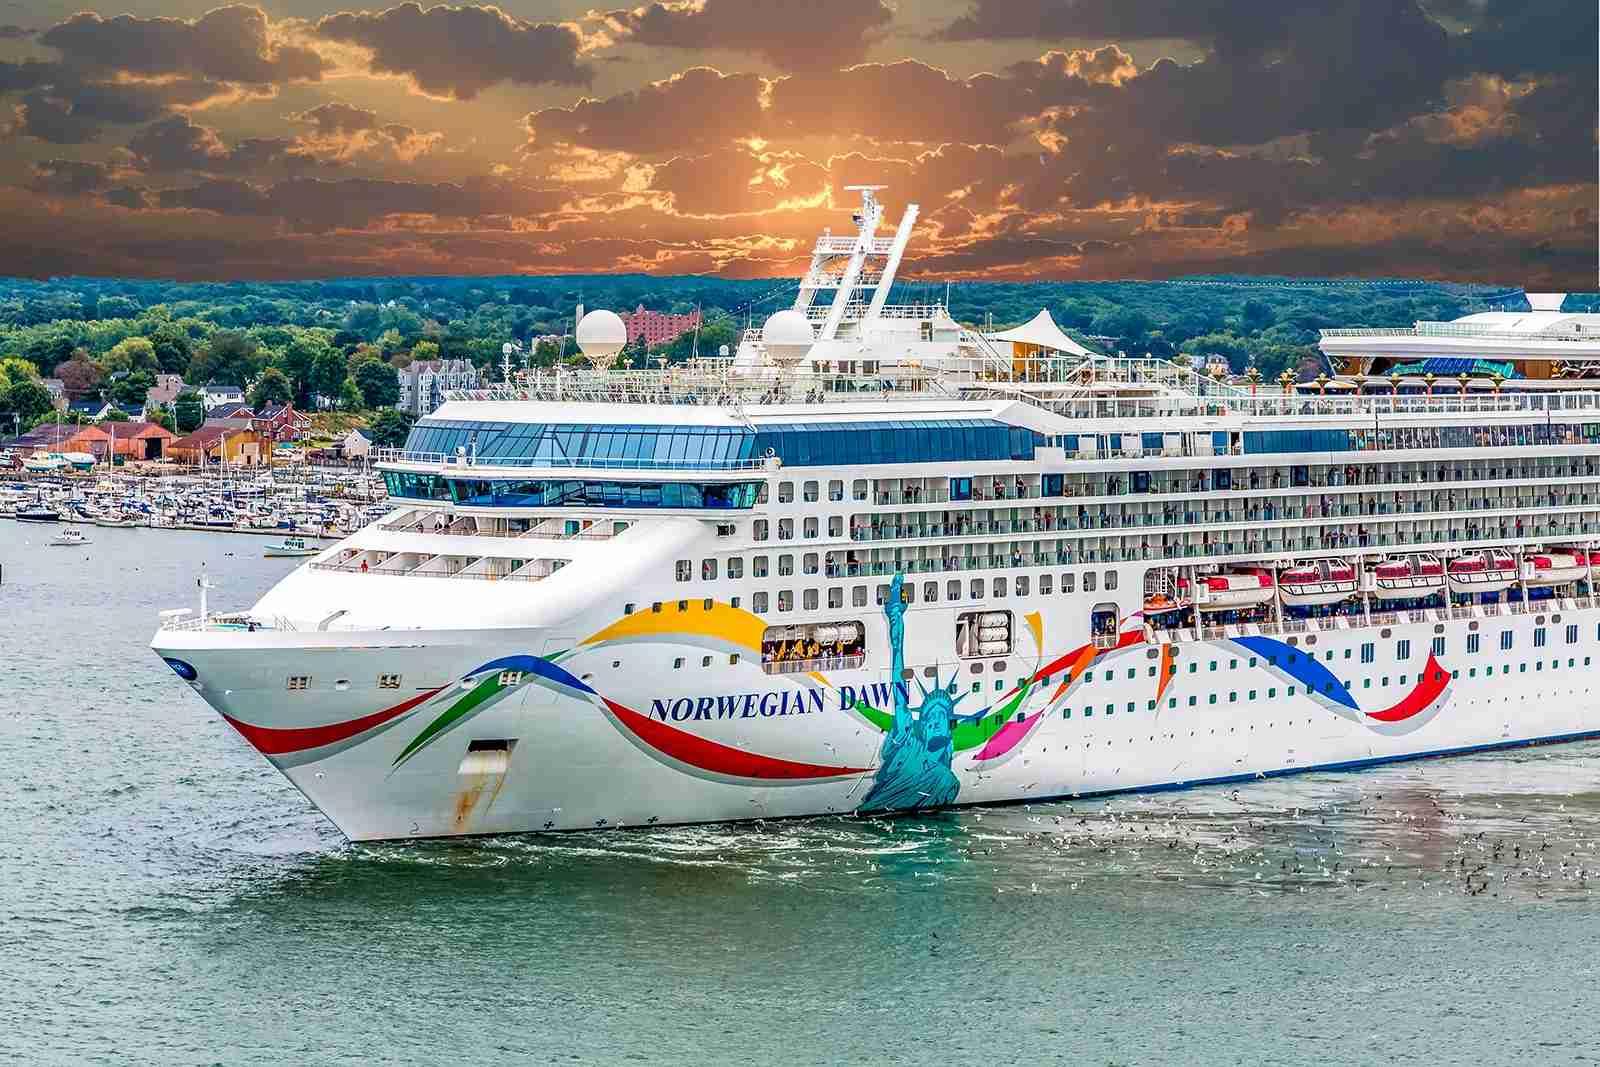 Norwegian Dawn cruise ship. (Photo by Shutterstock)